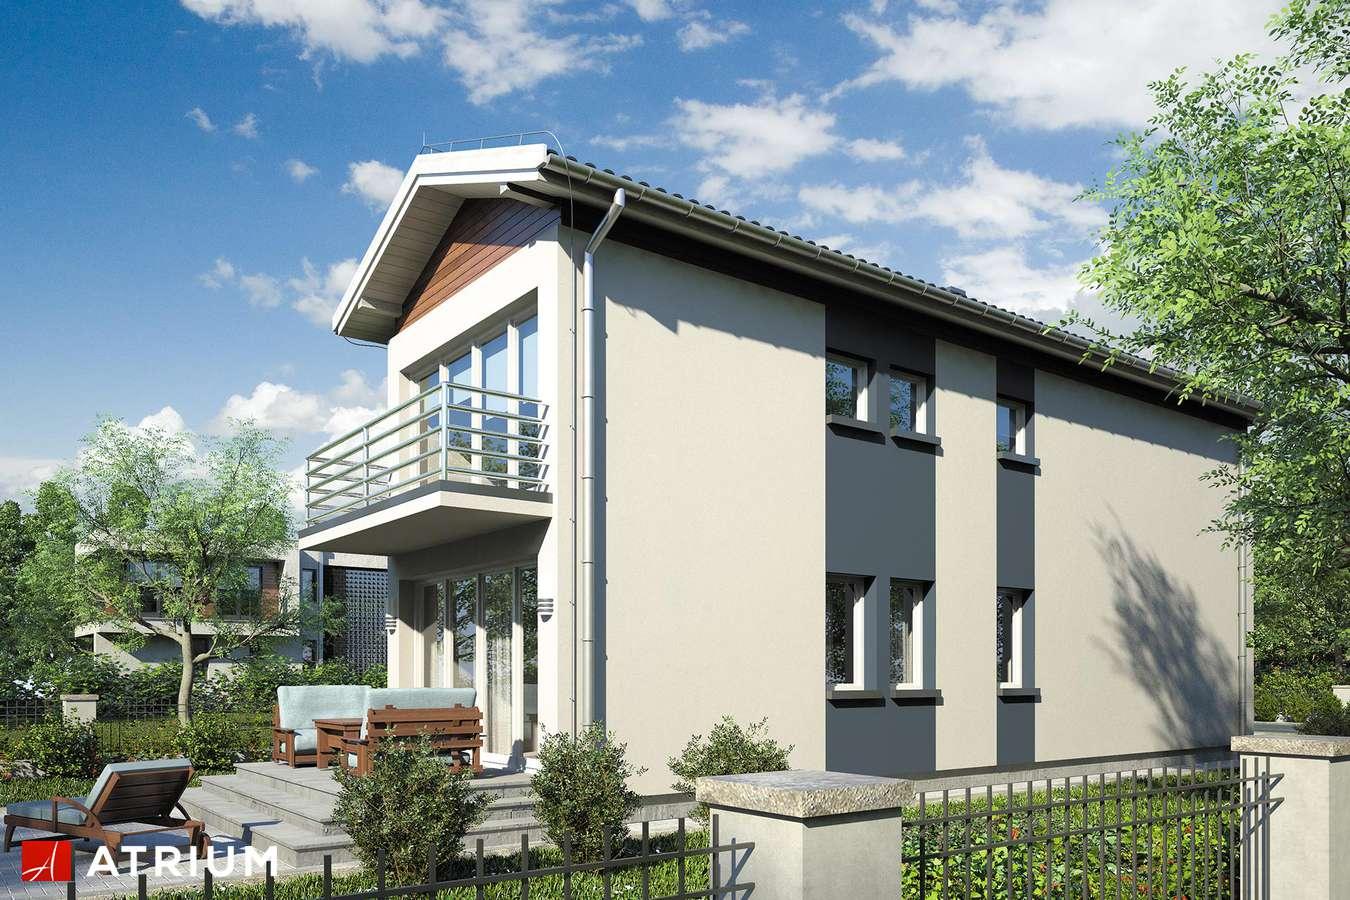 Projekty domów - Projekt domu piętrowego BUSIK - wizualizacja 2 - wersja lustrzana